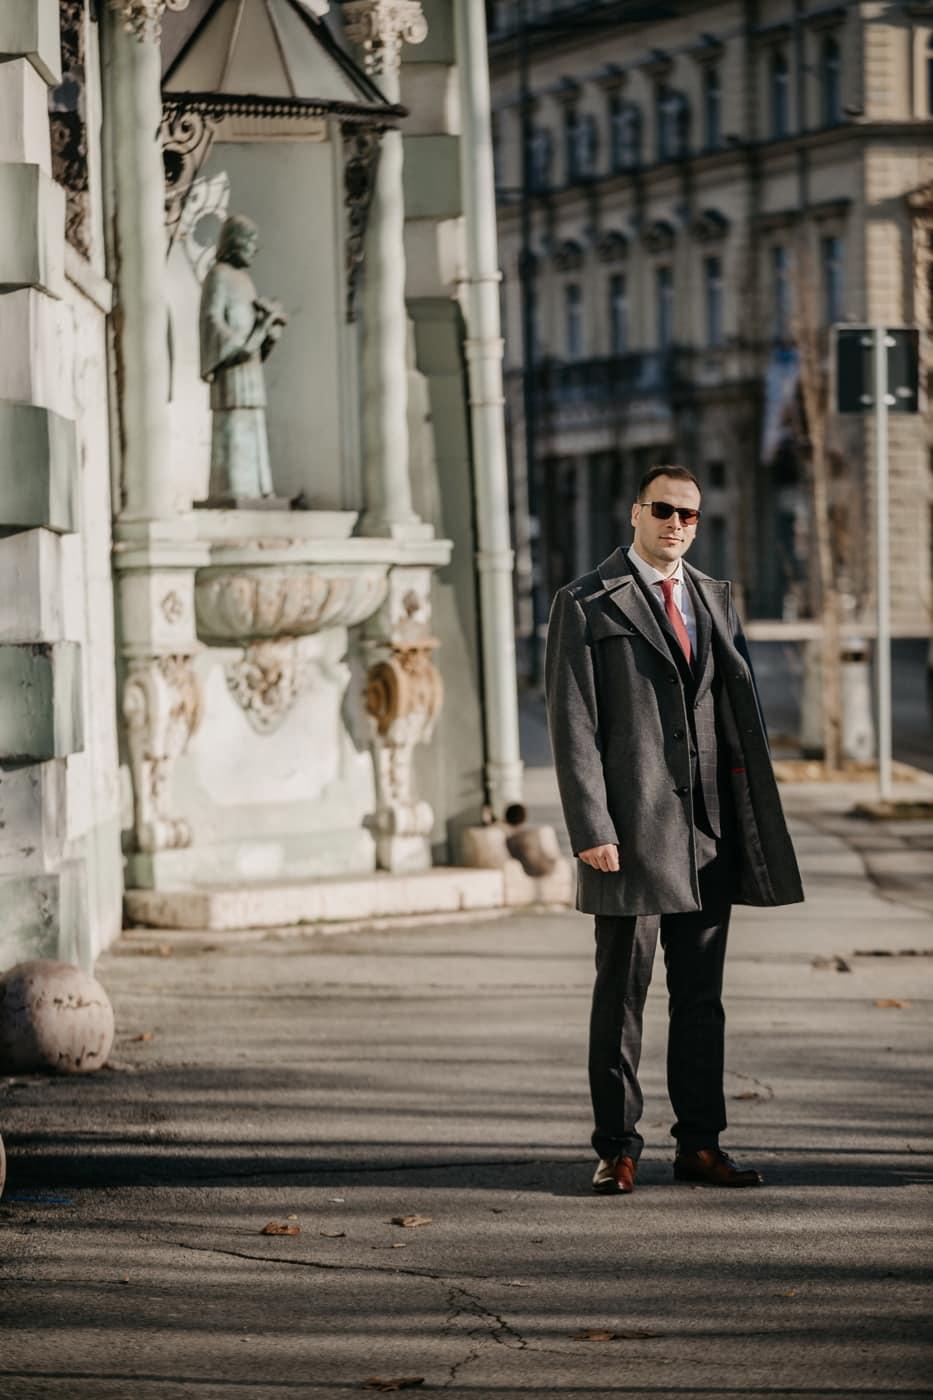 постоянен, бизнесмен, в центъра, улица, слънчеви очила, инвентар, костюм от смокинг, мода, град, портрет